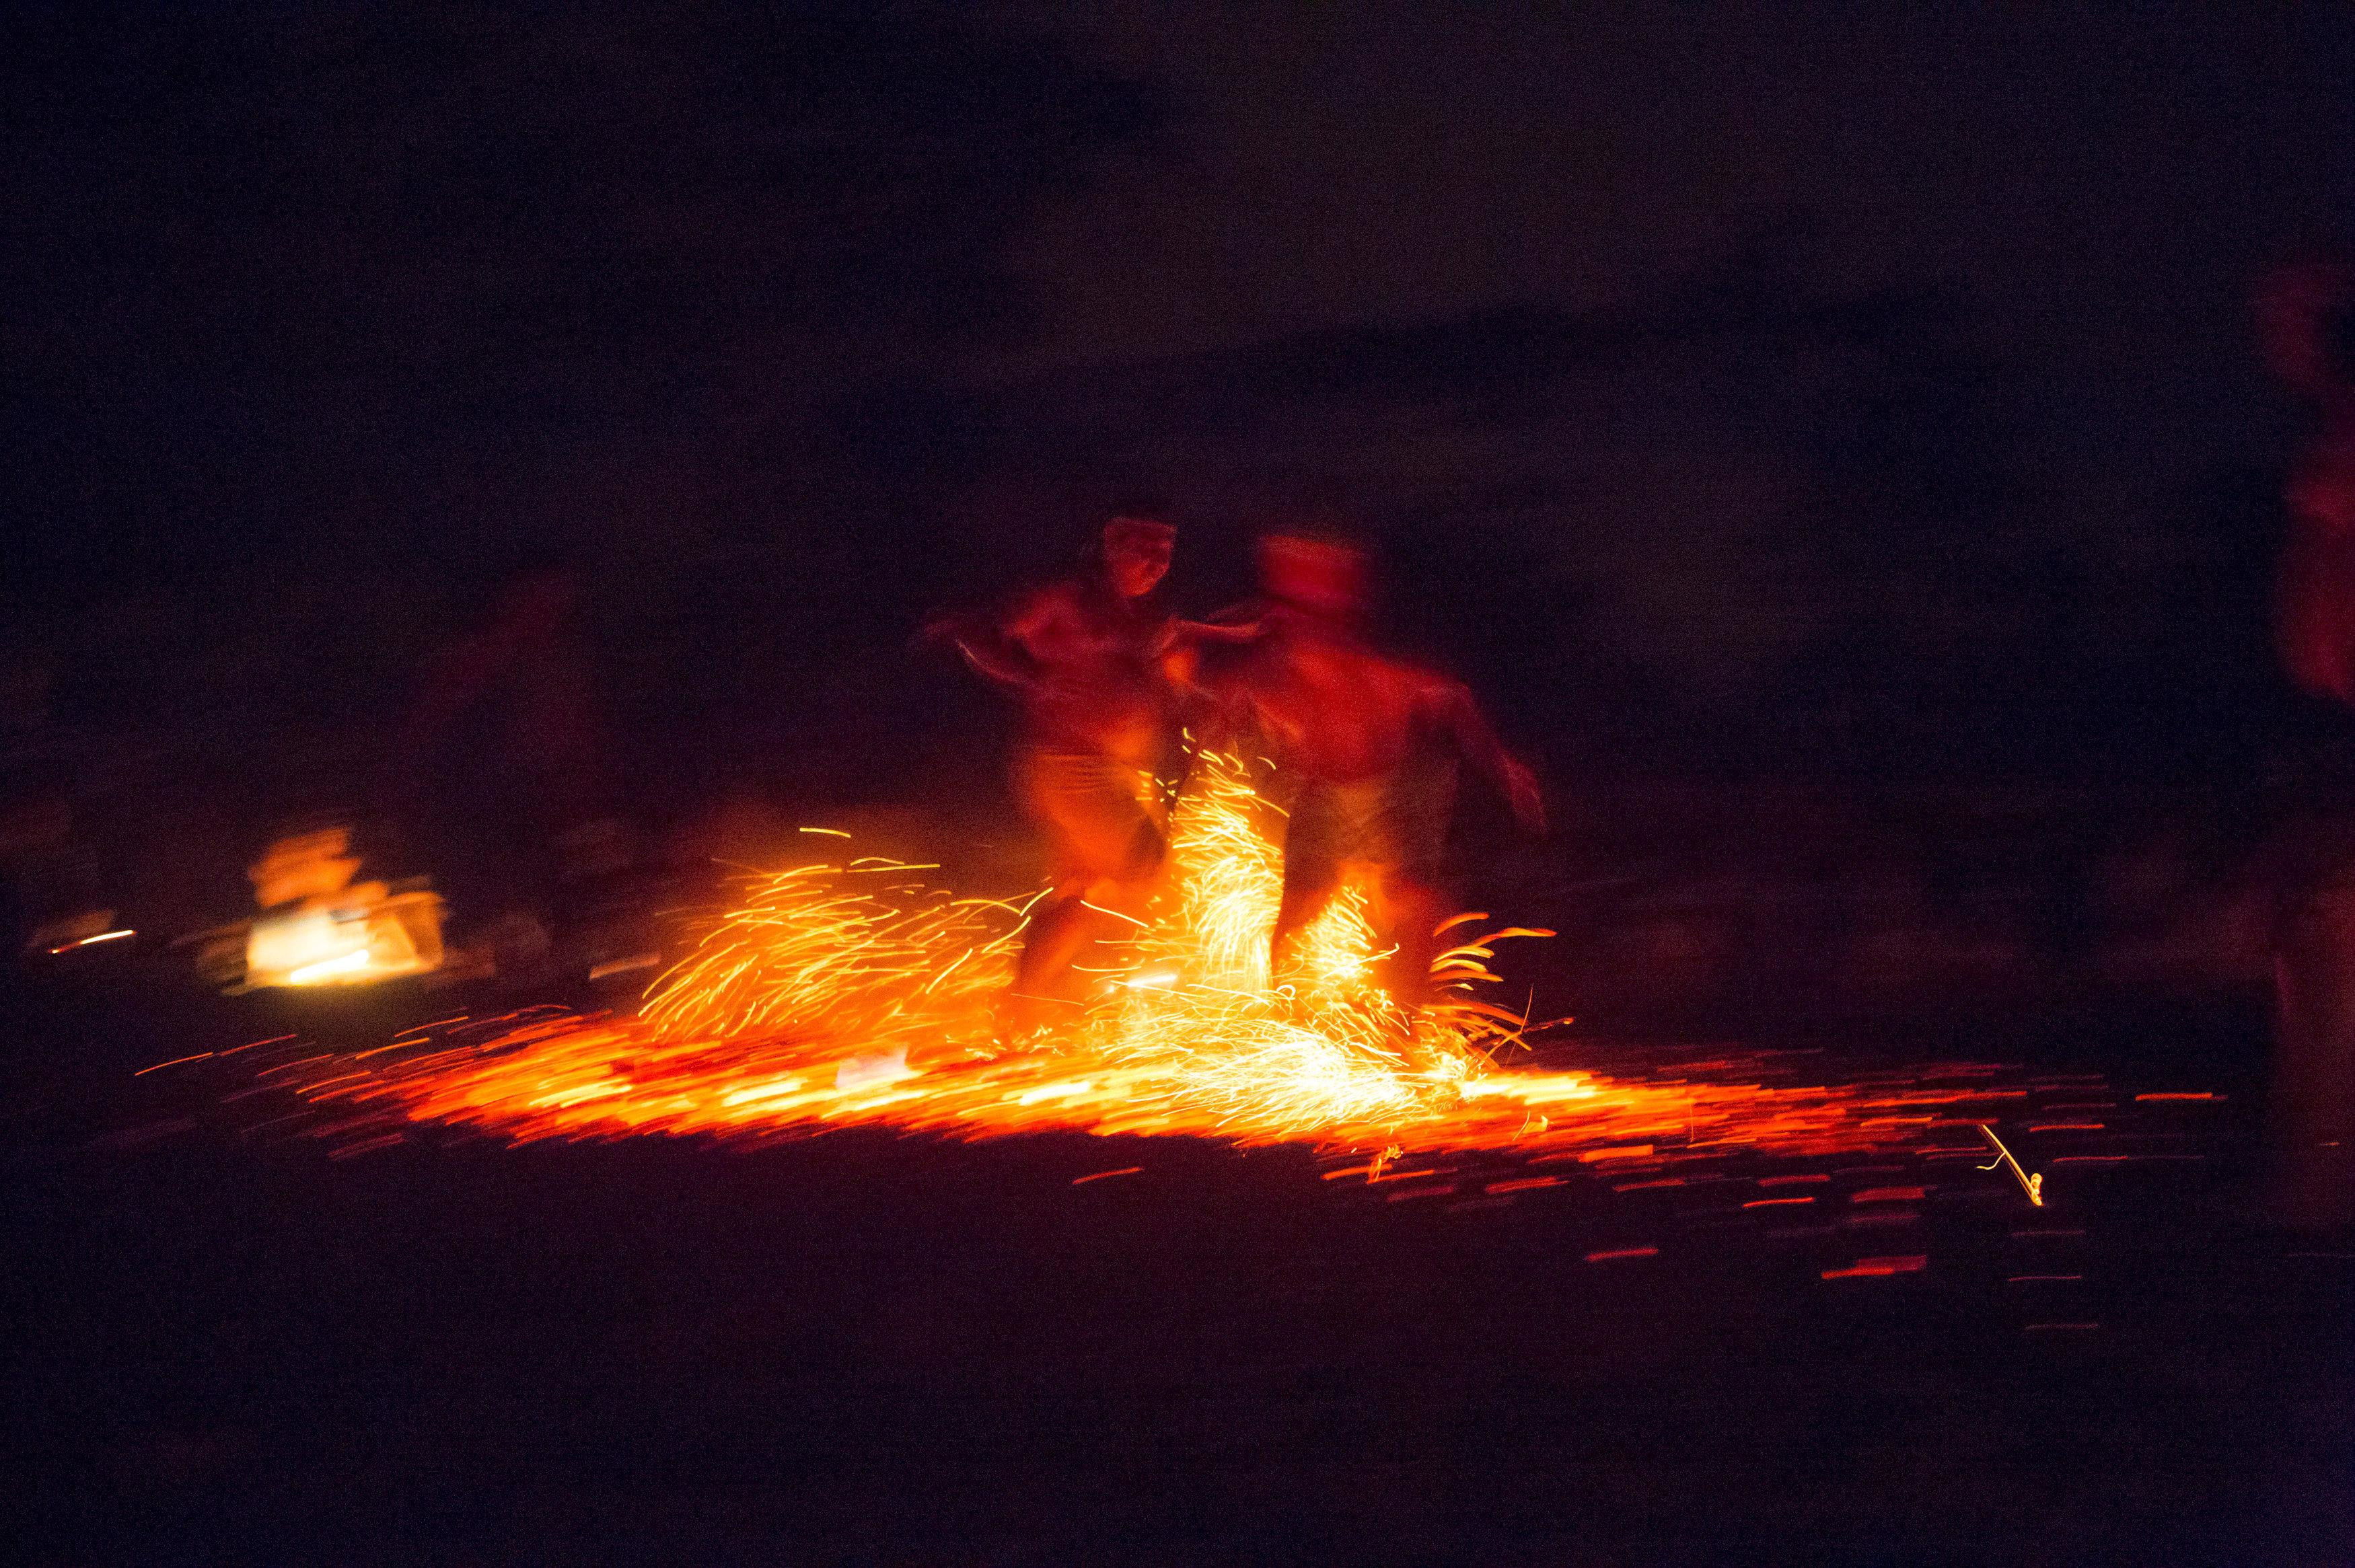 Caminar sobre trozos de carbón es uno de los más famosos rituales durante la fiesta de otoño en honor a la diosa